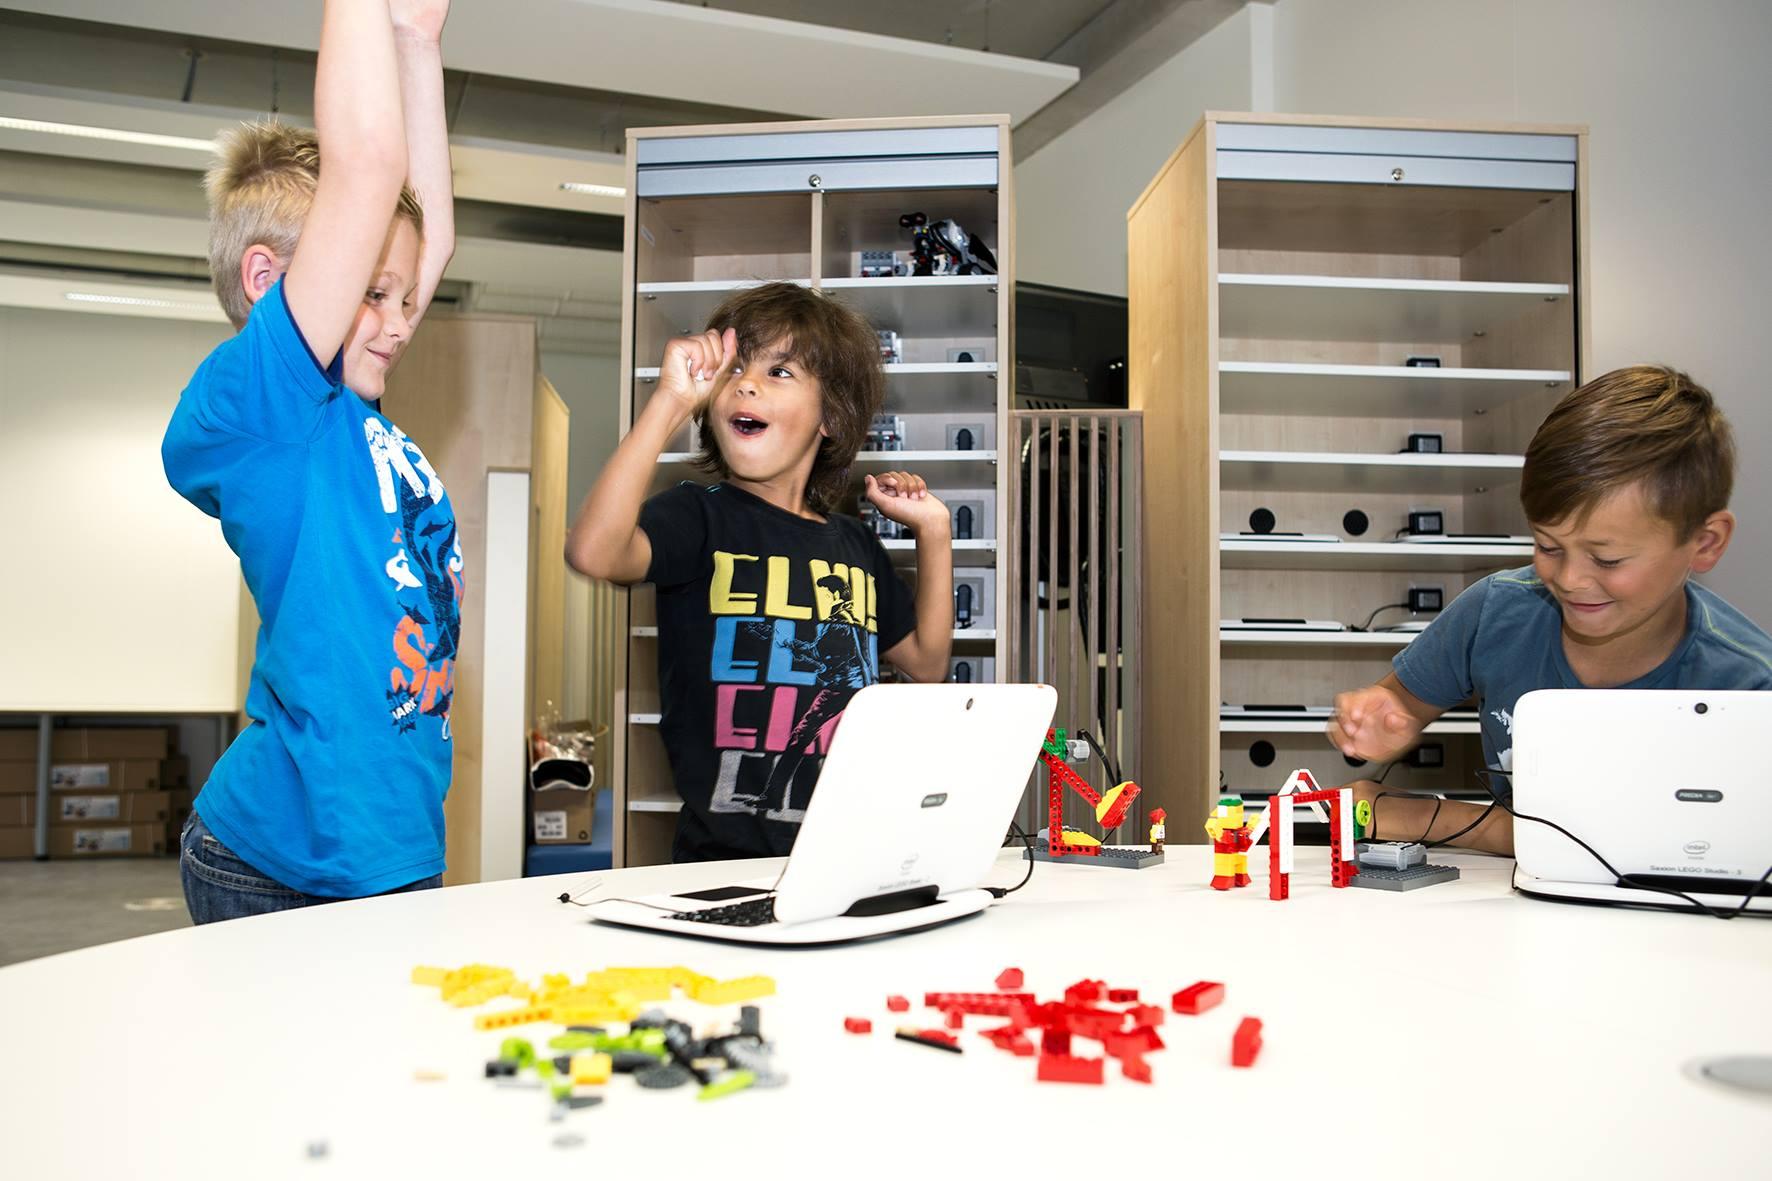 Niềm vui nghiên cứu khoa học công nghệ của các bạn nhỏ tại Lego Studio của Đại học KHUD Saxion